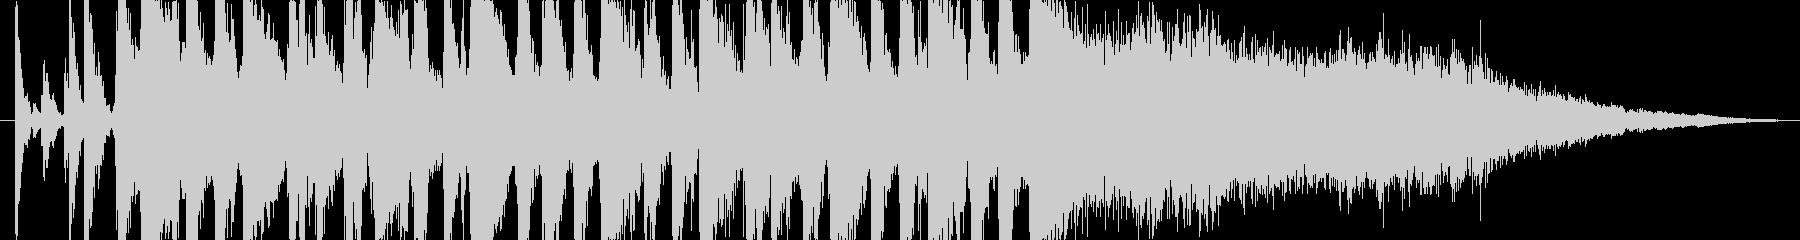 疾走感のある15秒のジャズ・サンバの未再生の波形